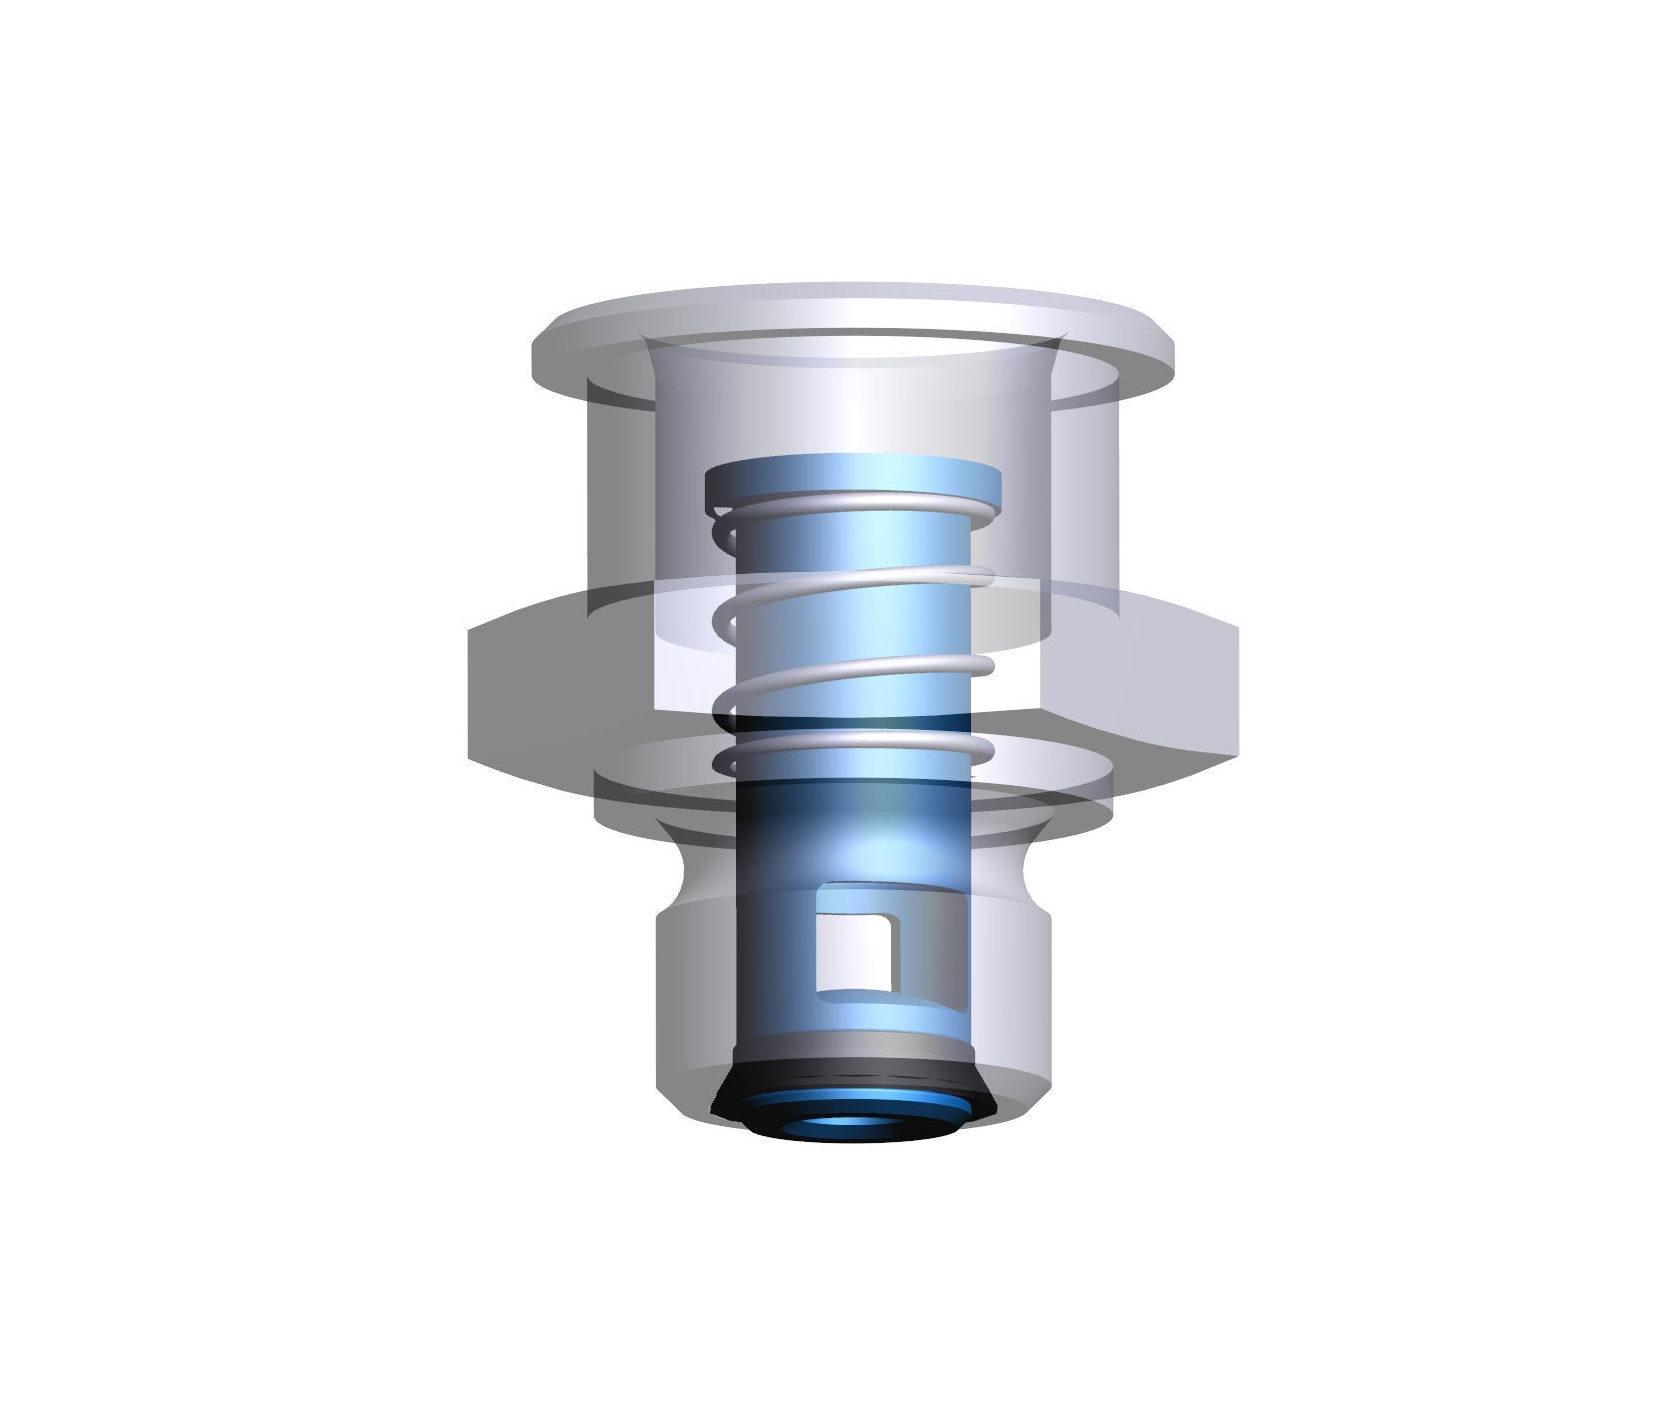 Ventil 02 Flow stop valve